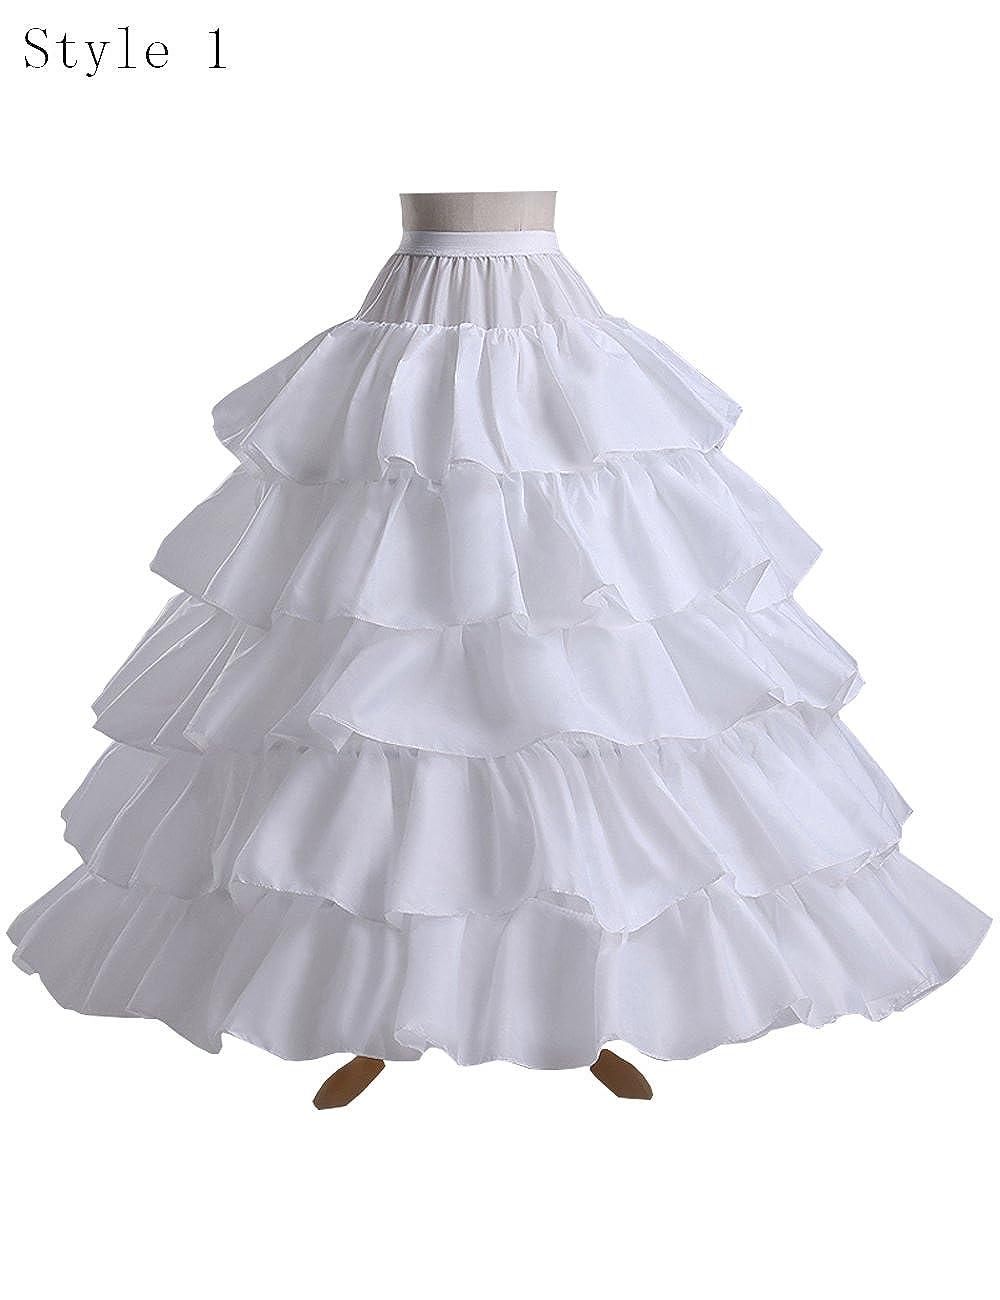 6ee491da8d47e Aorme Women s 4 Hoops 5 Layers Petticoat Crinoline Skirt Under Dress Ball  Gown